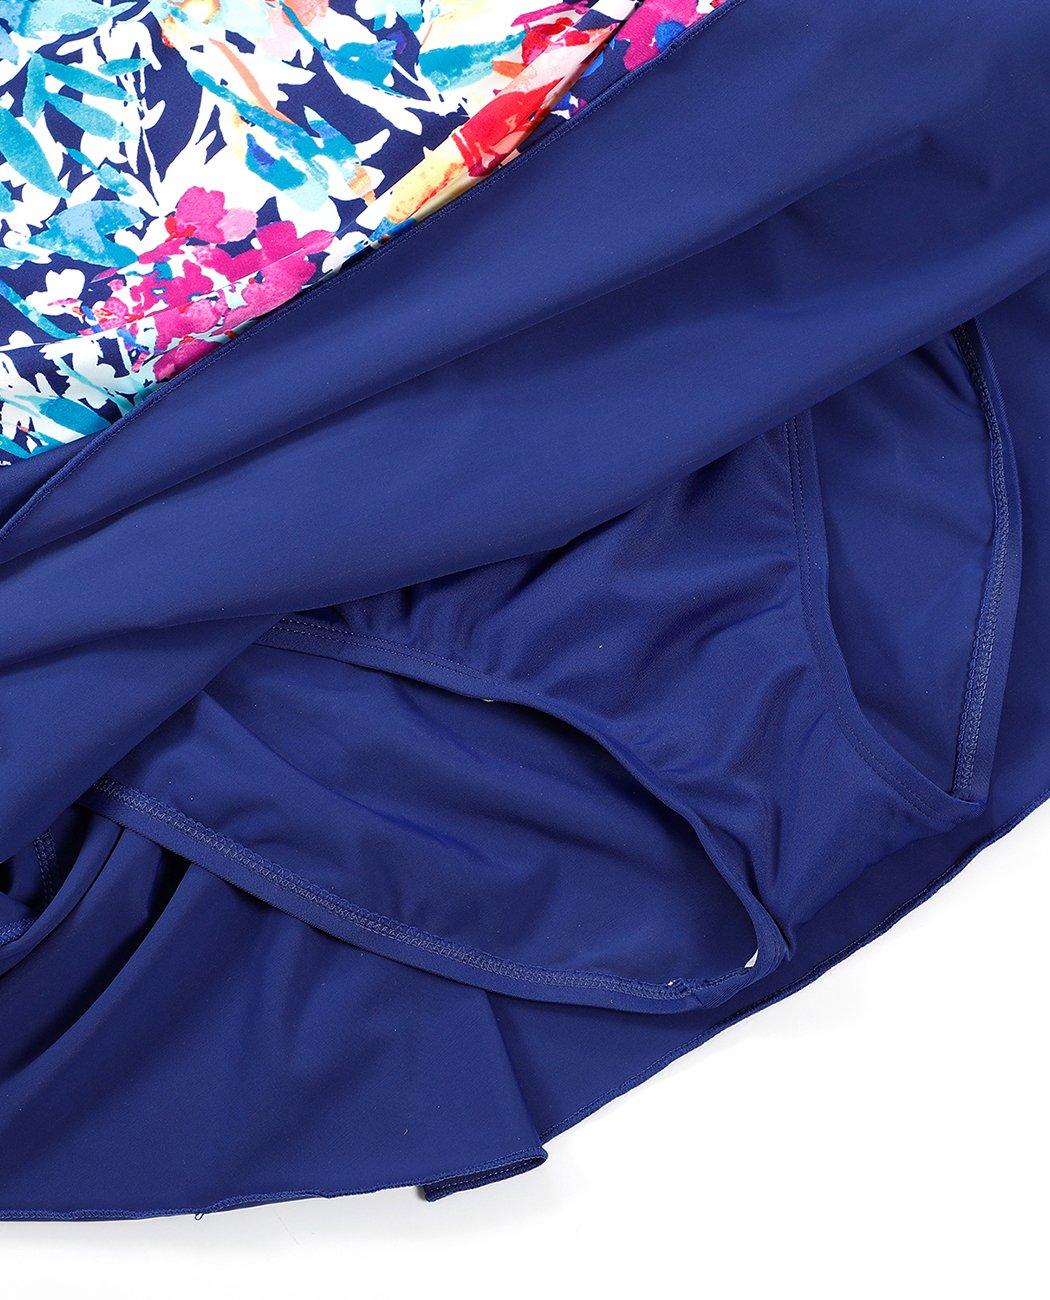 IDrawl Damen Bademode Große Größen Badeanzug Push up Badekleid Einteiler Einteiler Einteiler mit Blaumen Schwimmanzug Figurformender B07F8R2CL1 Badeanzüge Vollständige Palette von Spezifikationen d9c12e